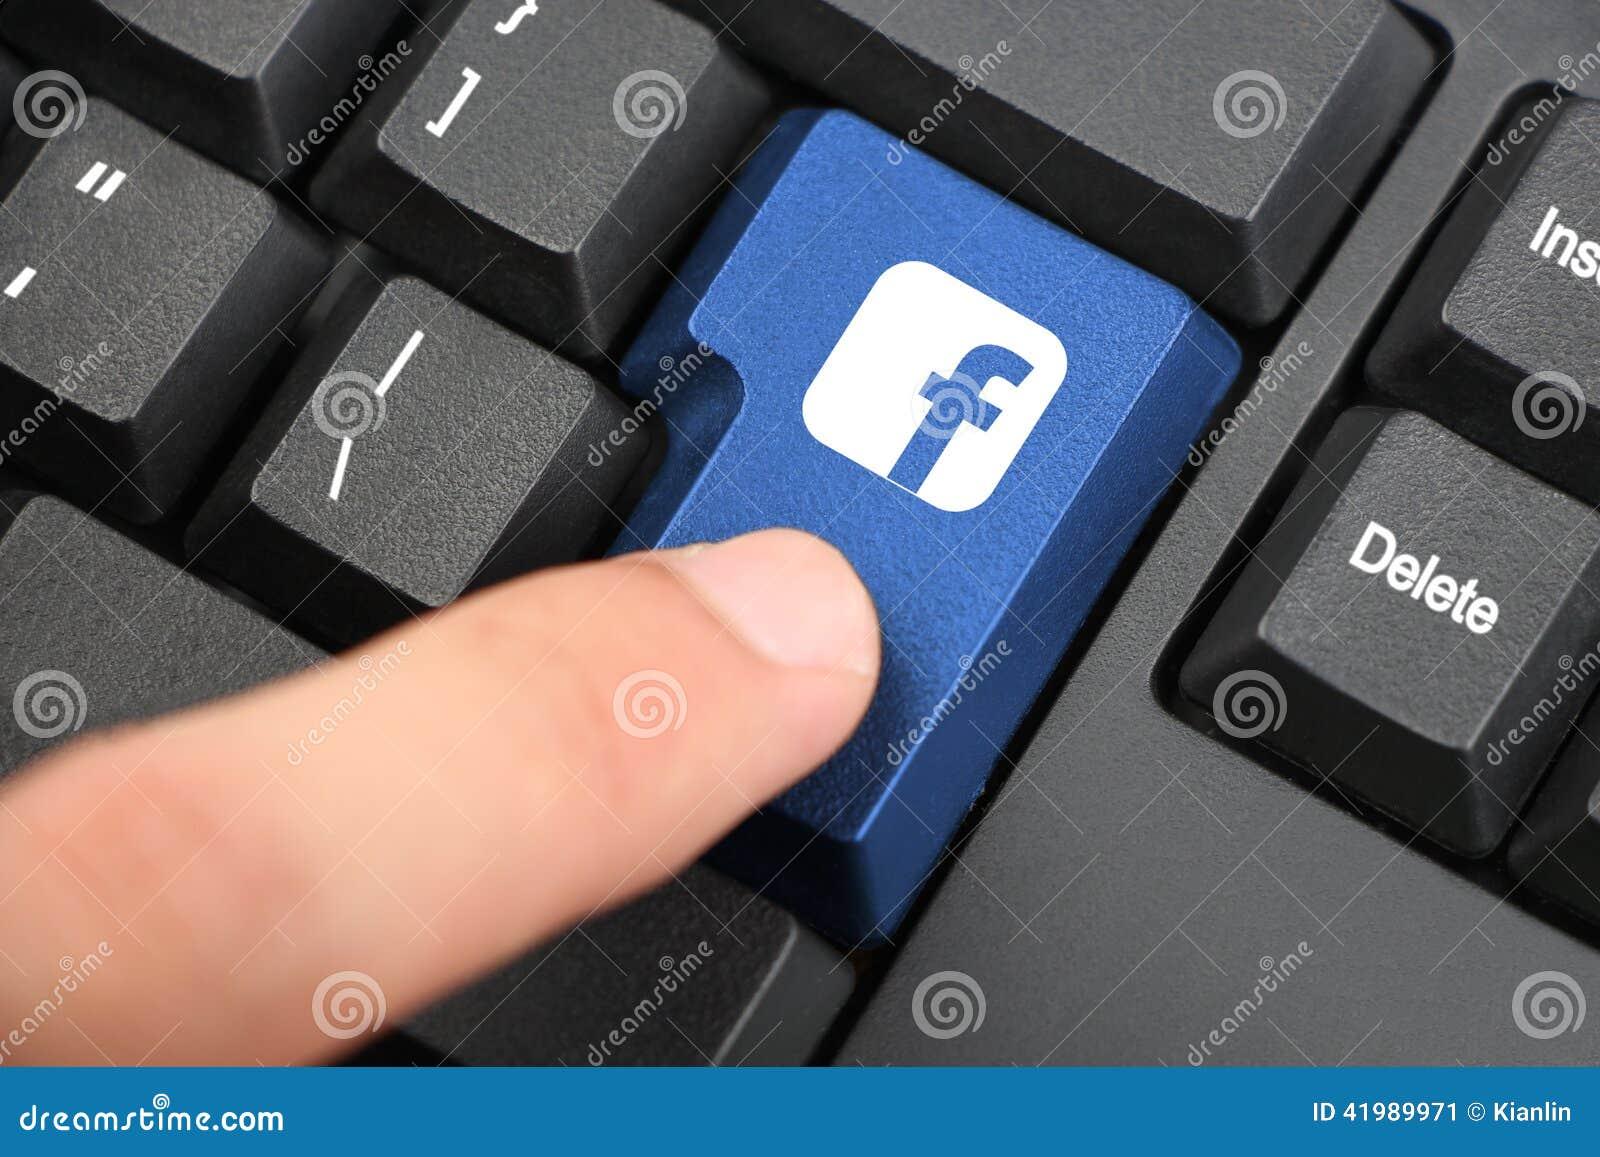 Pressione a chave de Facebook